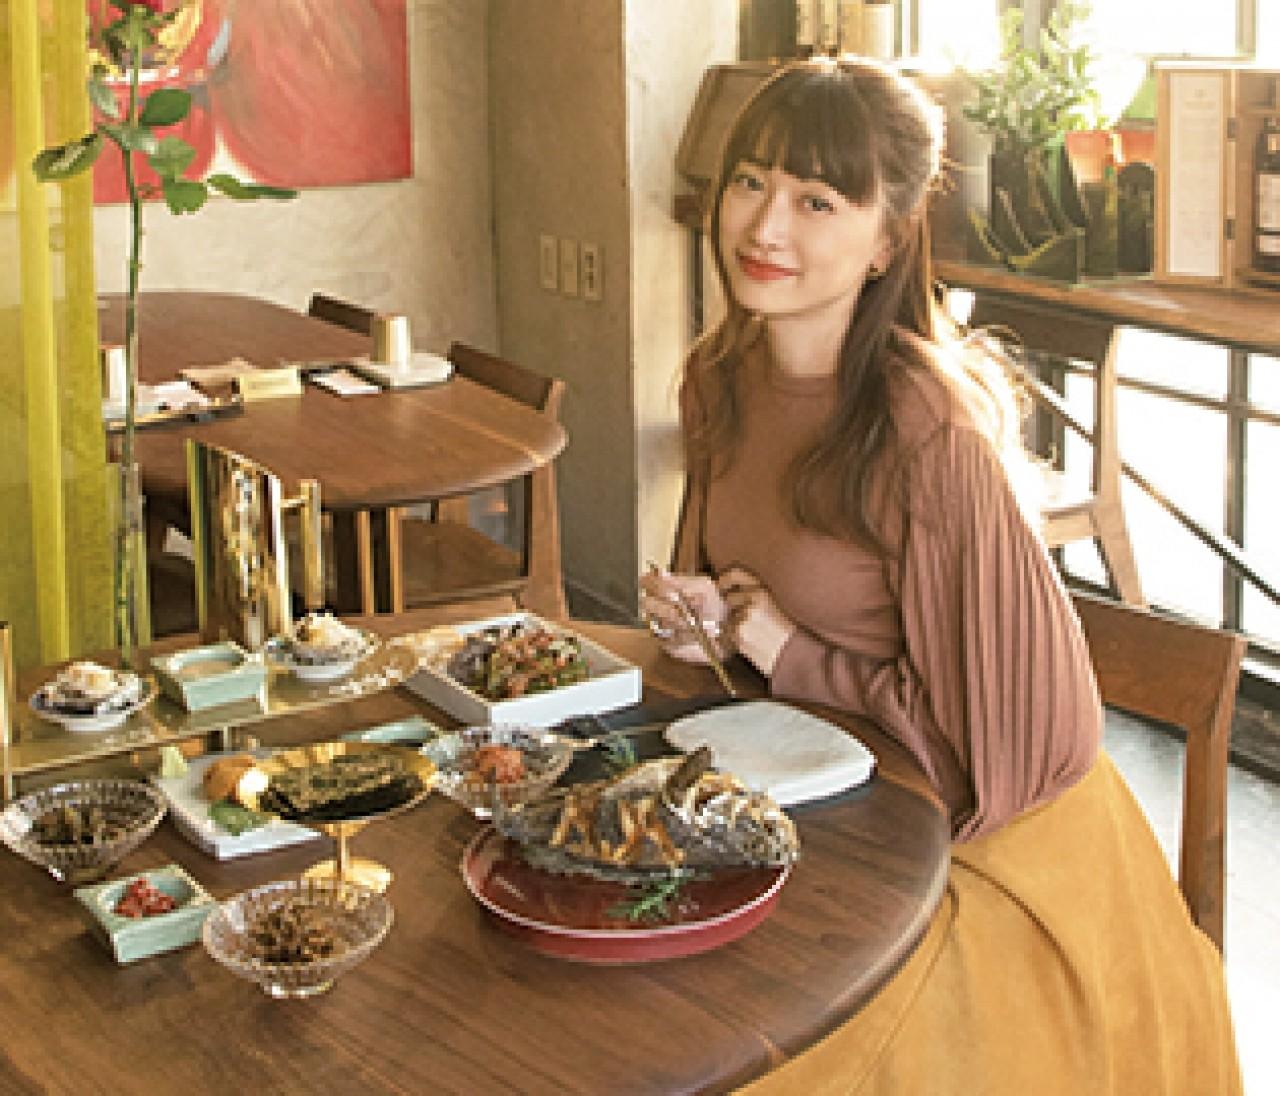 【ソウル】グルメスポットをヨンアがナビ!大人な雰囲気のお店急増中♡